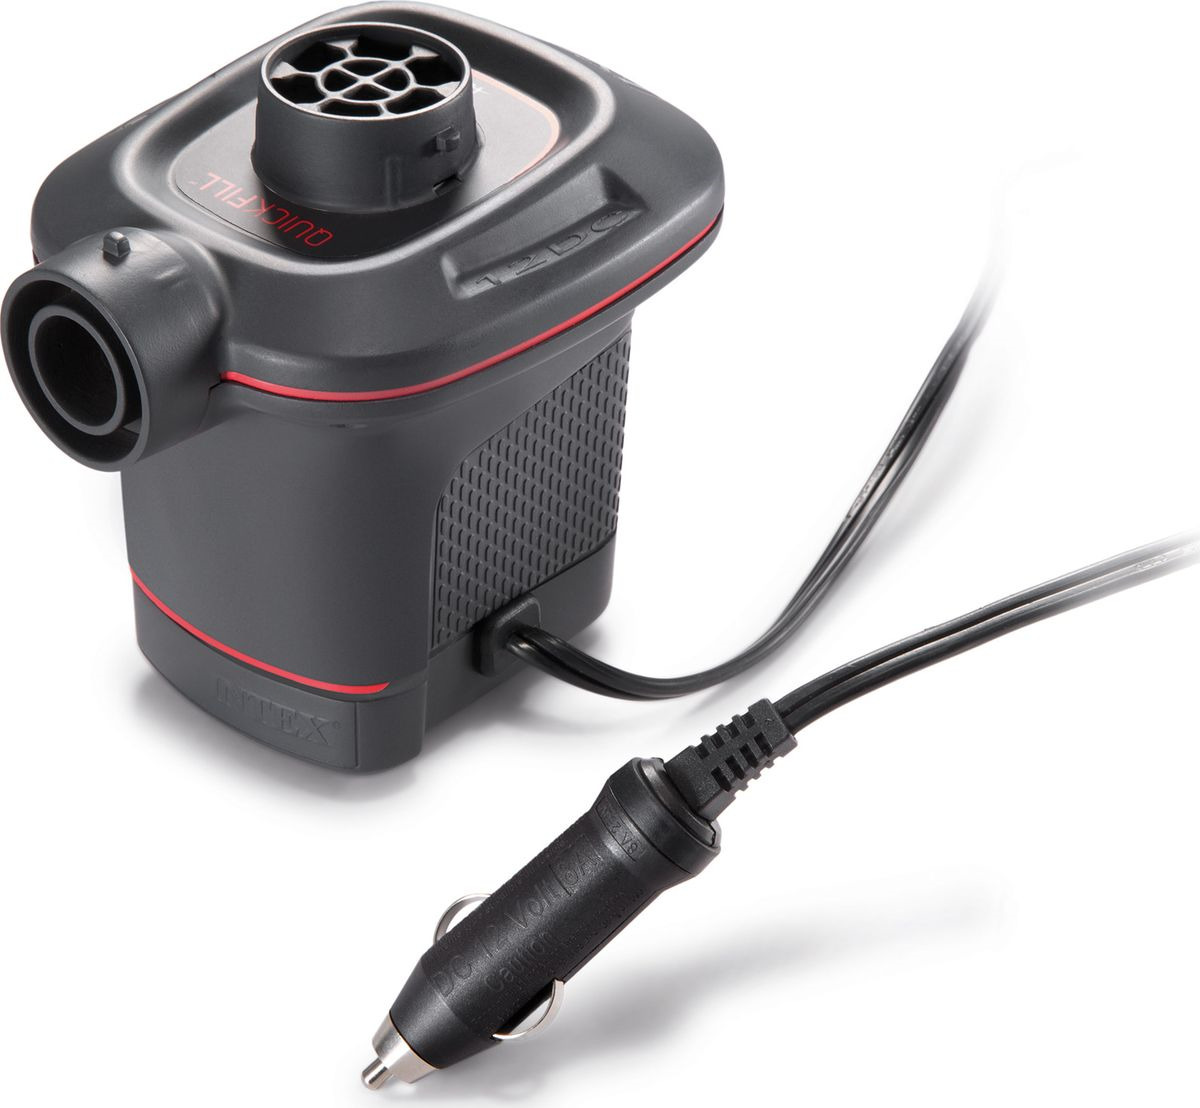 Насос электрический для бассейна Intex, с 3 насадками, с66636, черный, 12V цена